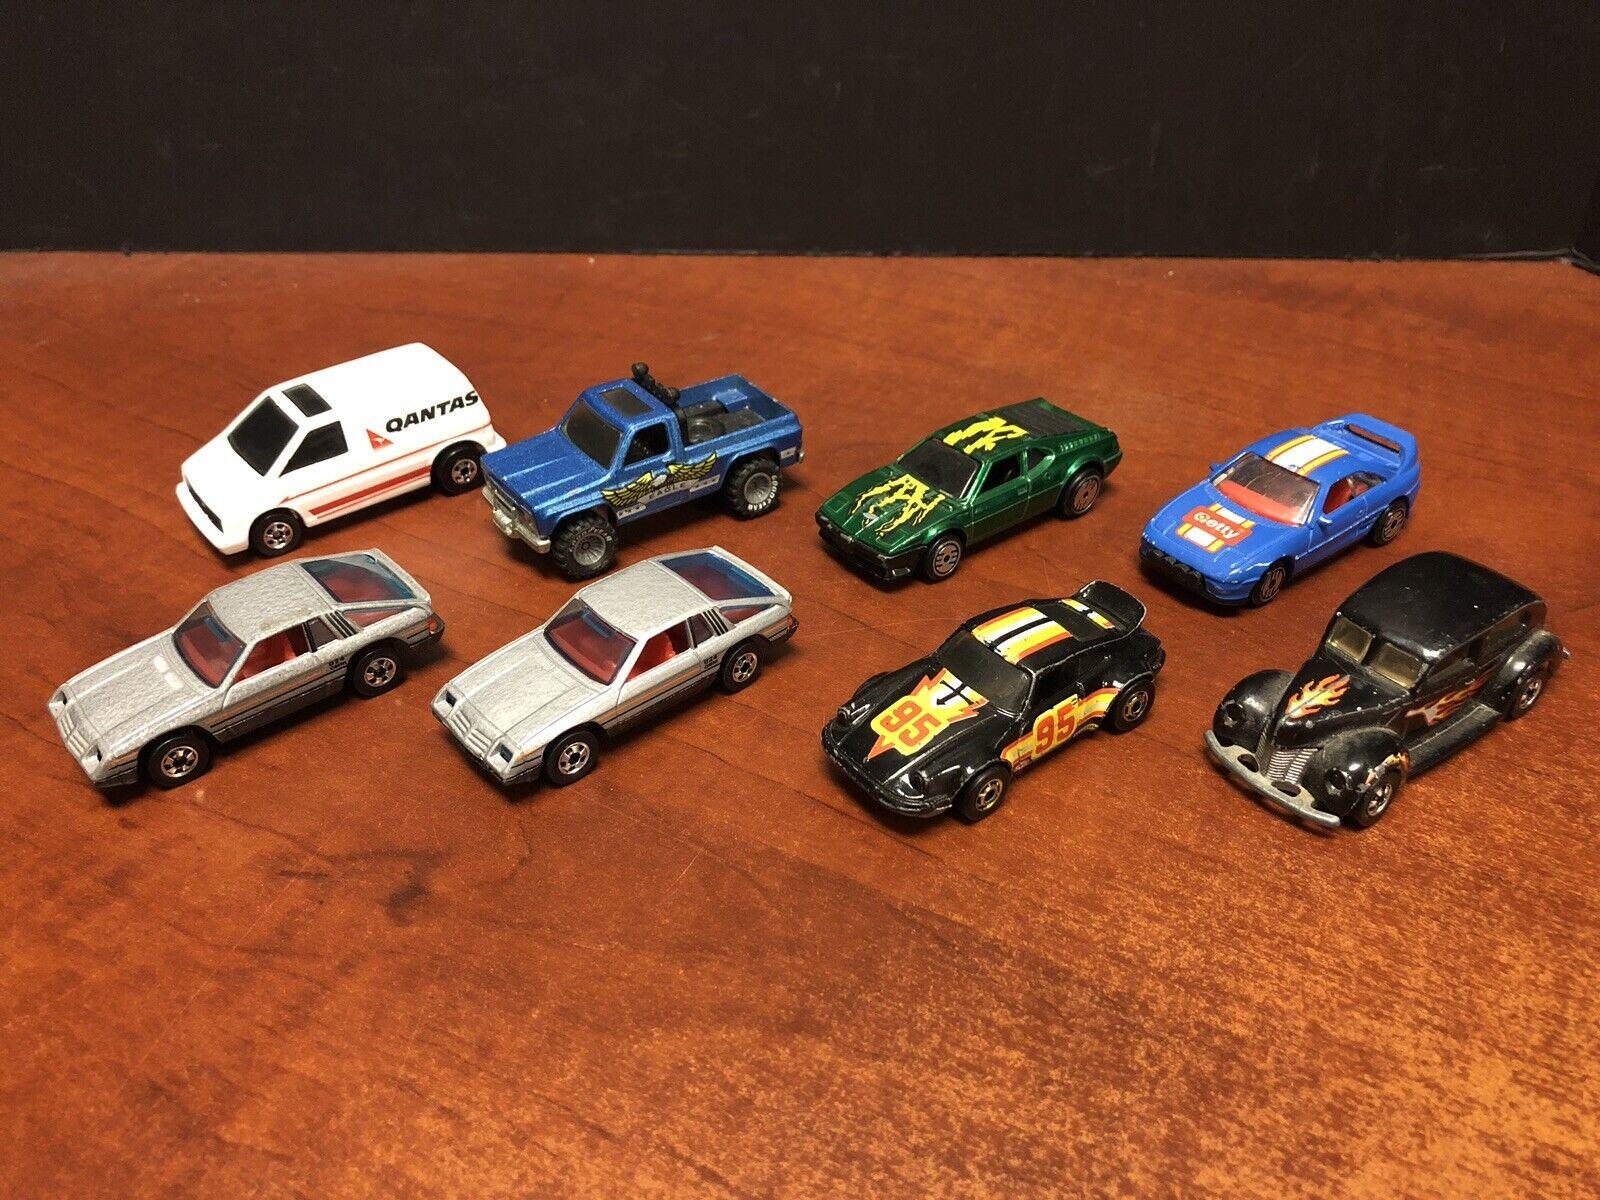 Hot Wheels nerowall Omni 924 Bywayman Porsche Lote de 8 EM2637 Suelto